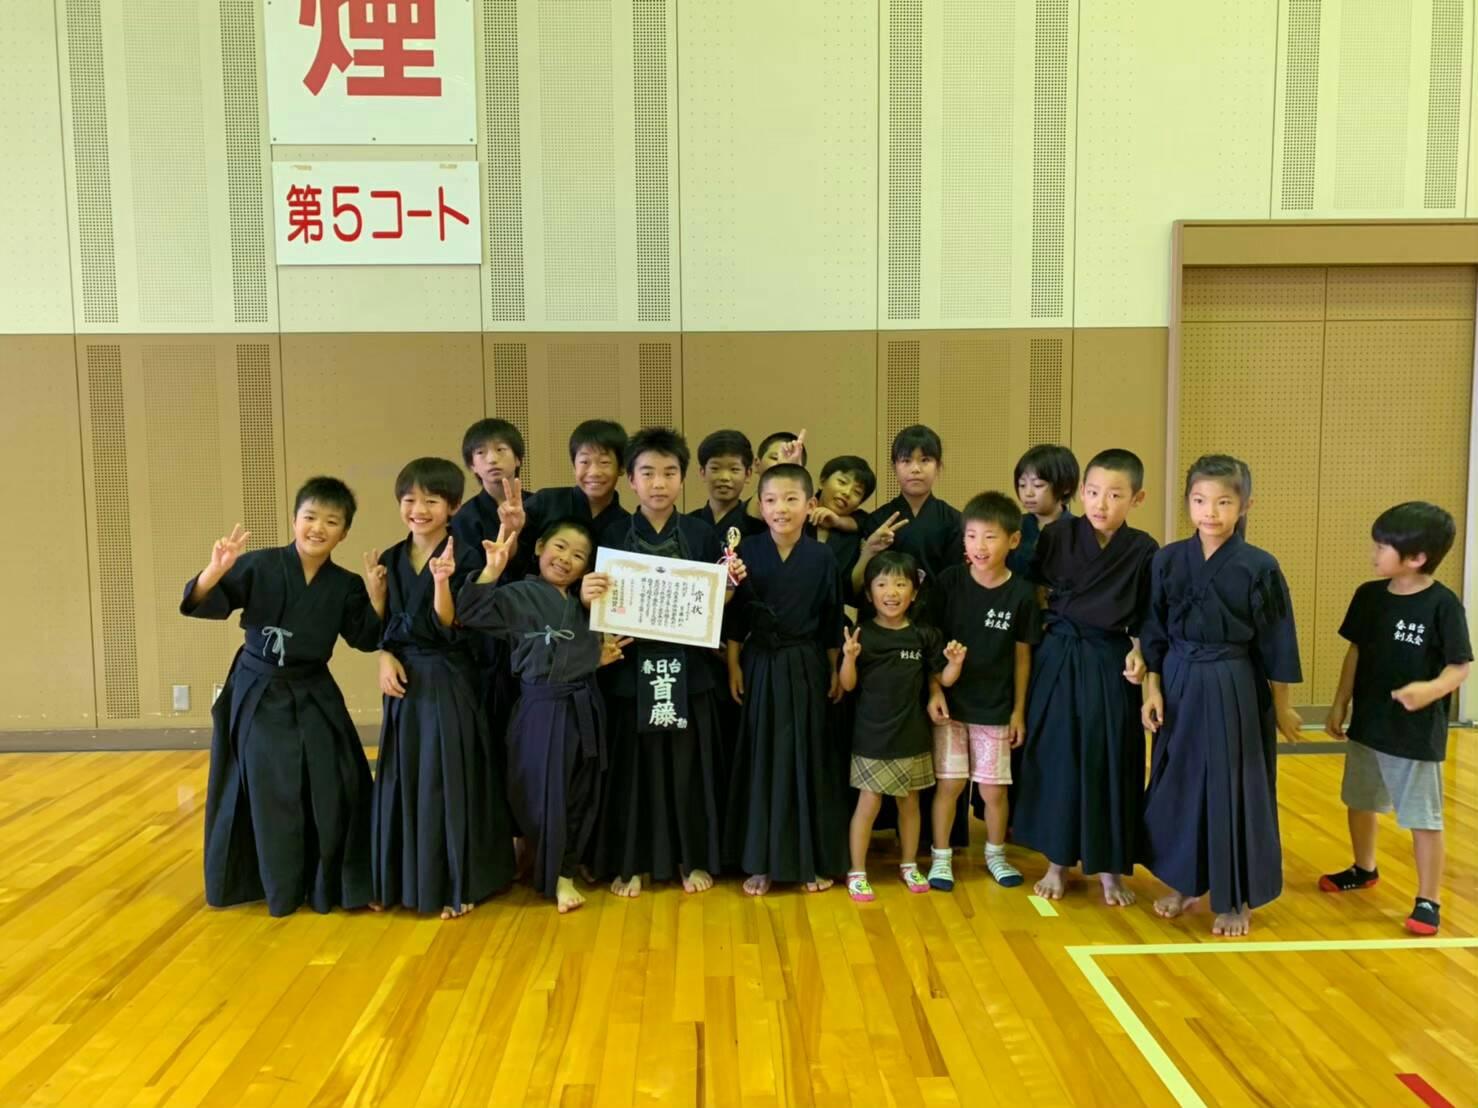 兵庫県剣道少年団体験・実践発表会に参加しました